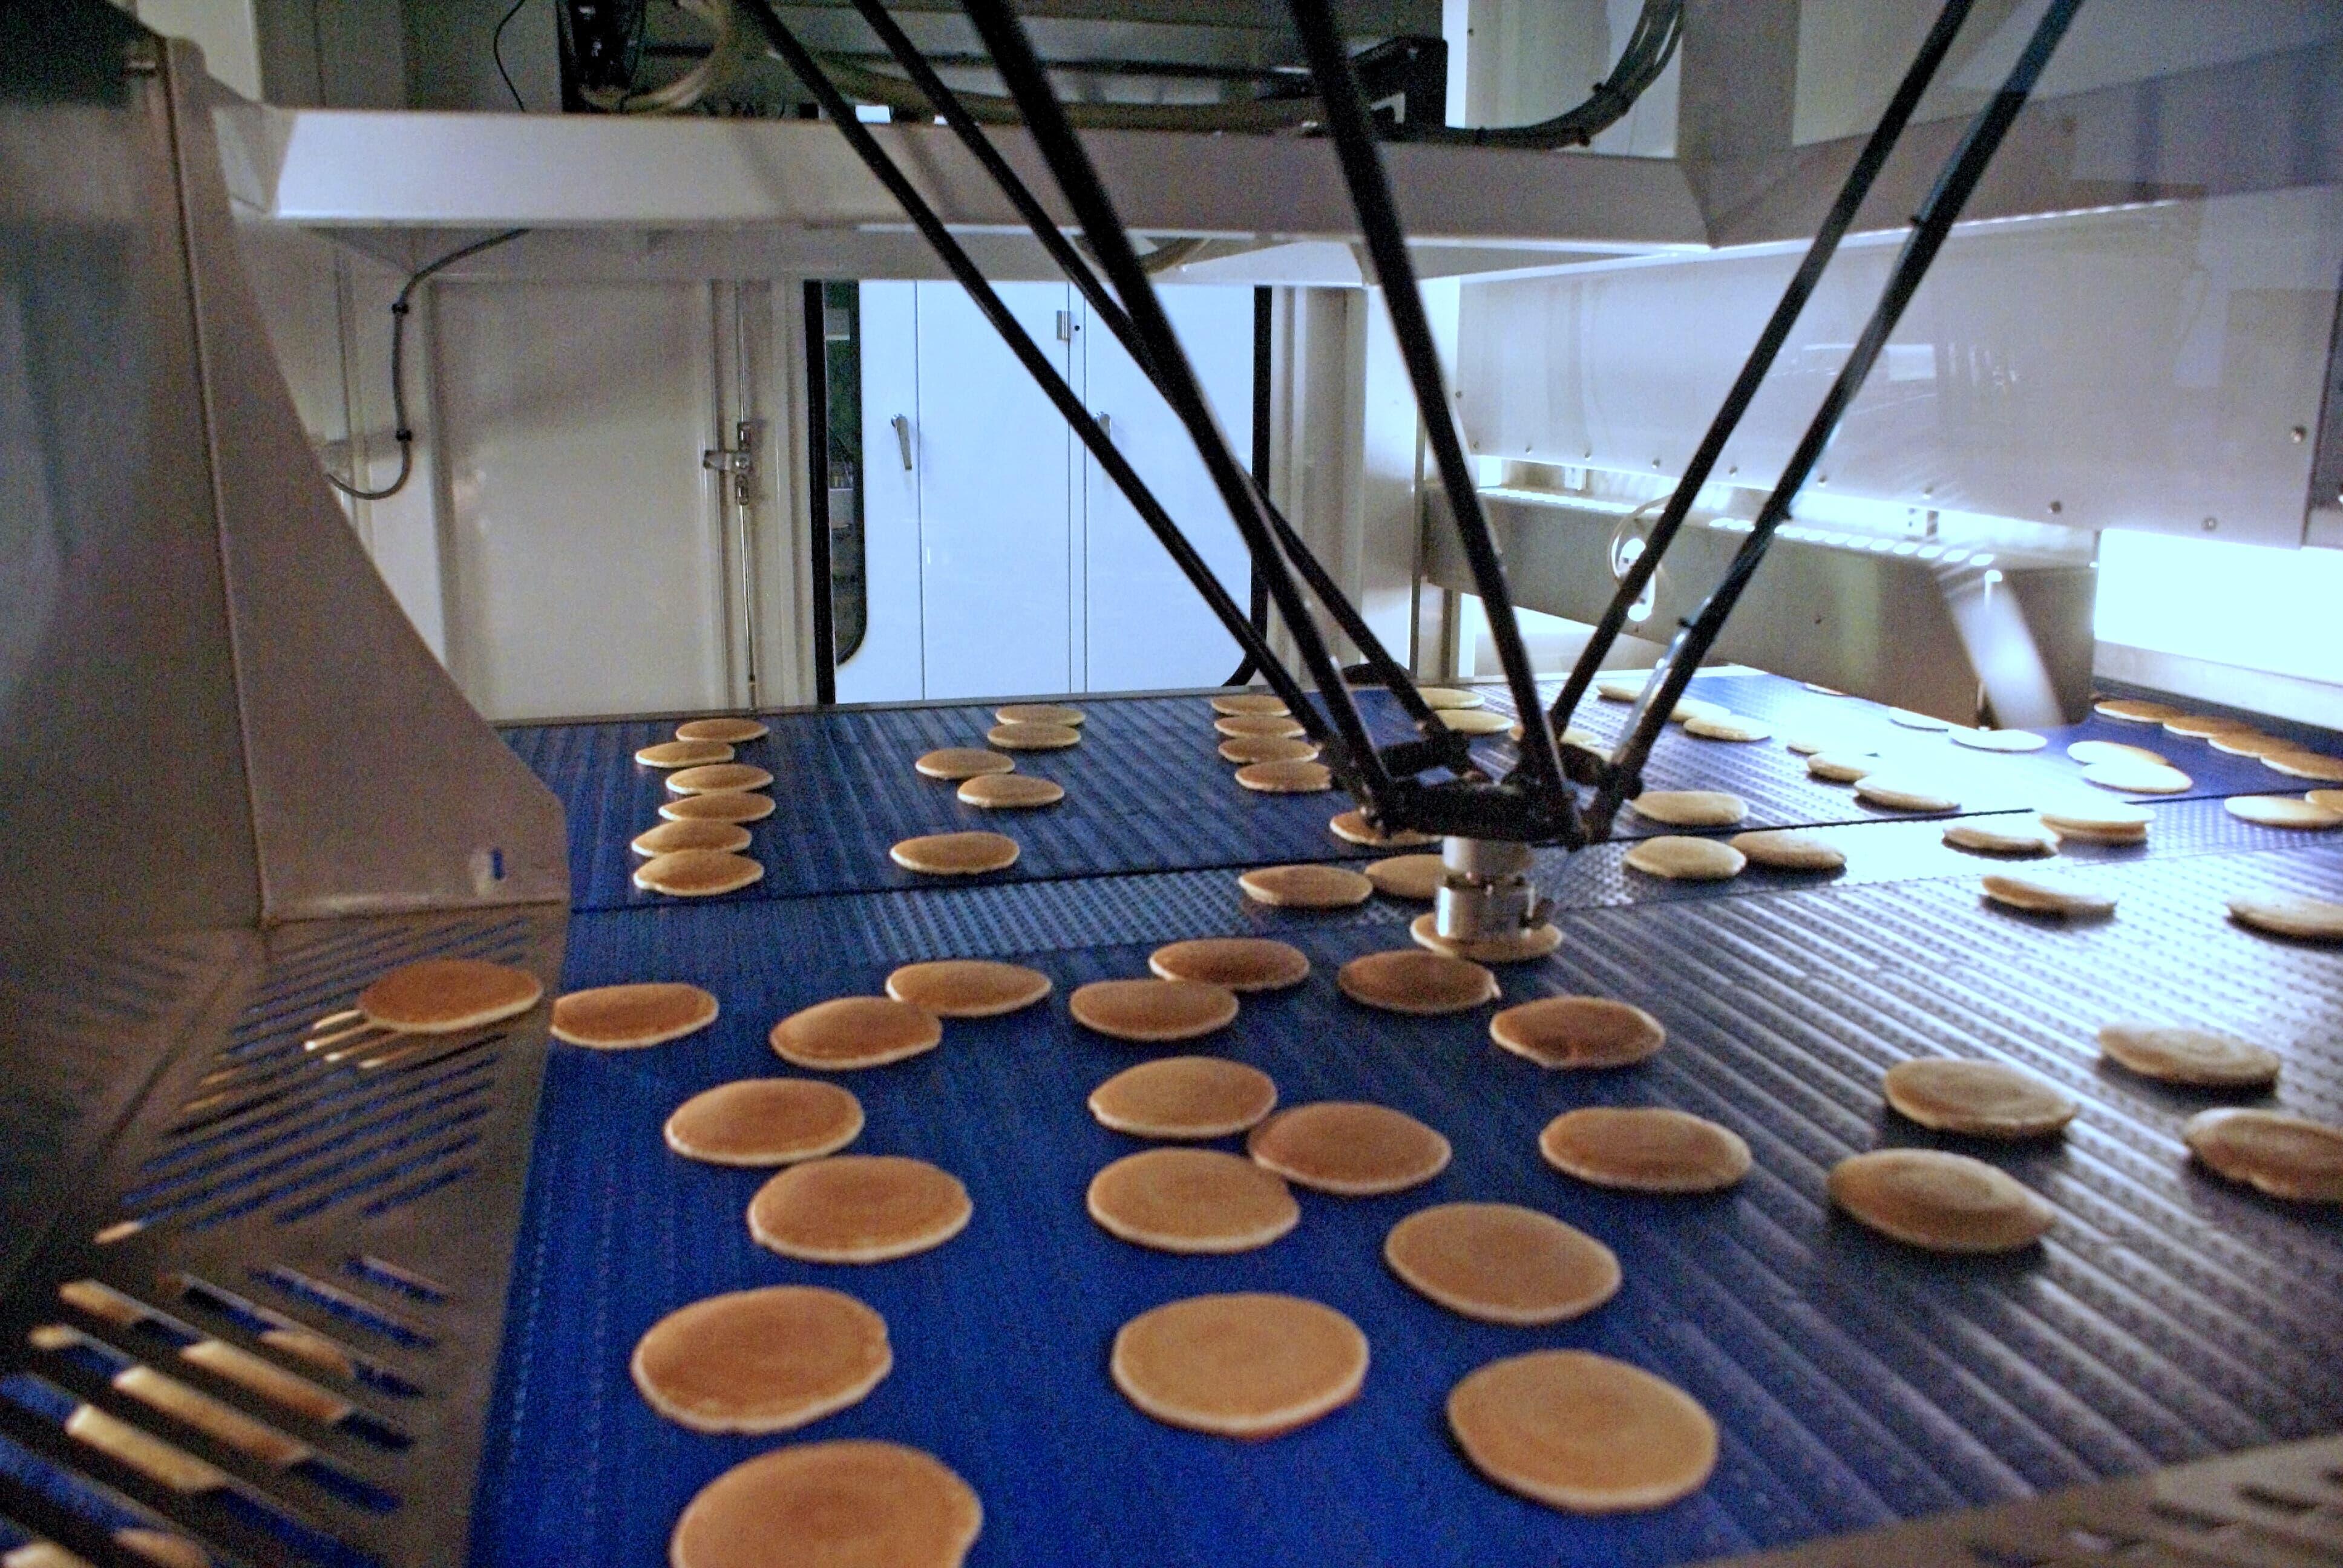 Pancake handling at Honeytop in the UK